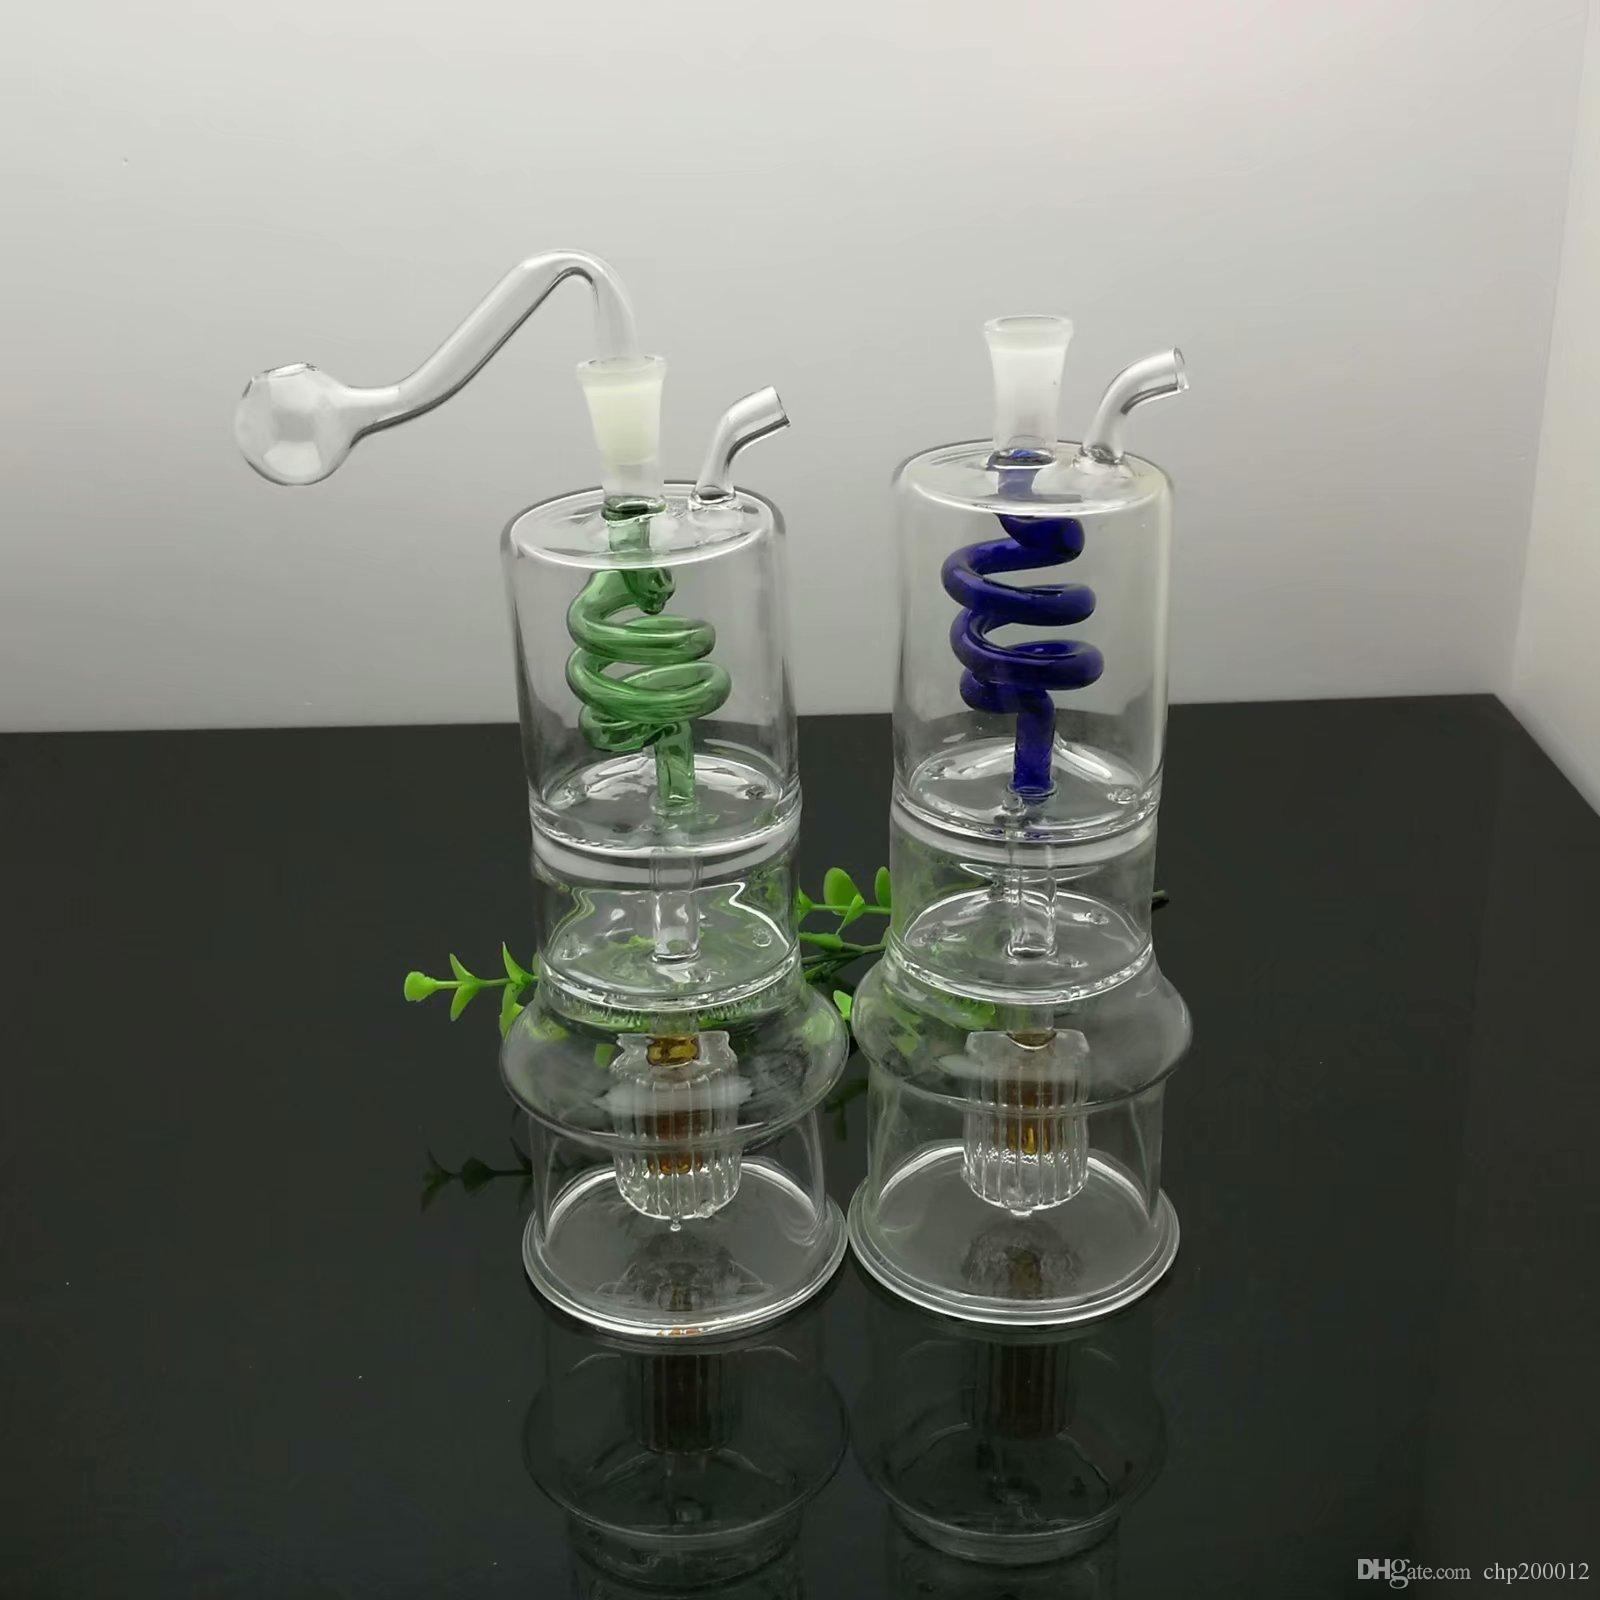 Классический двухслойной перегородка пан шелк молчит фильтр сигареты стекла чайник Большой Пирекс стекло масло горелка Труба густого масло станки стекло водопровод